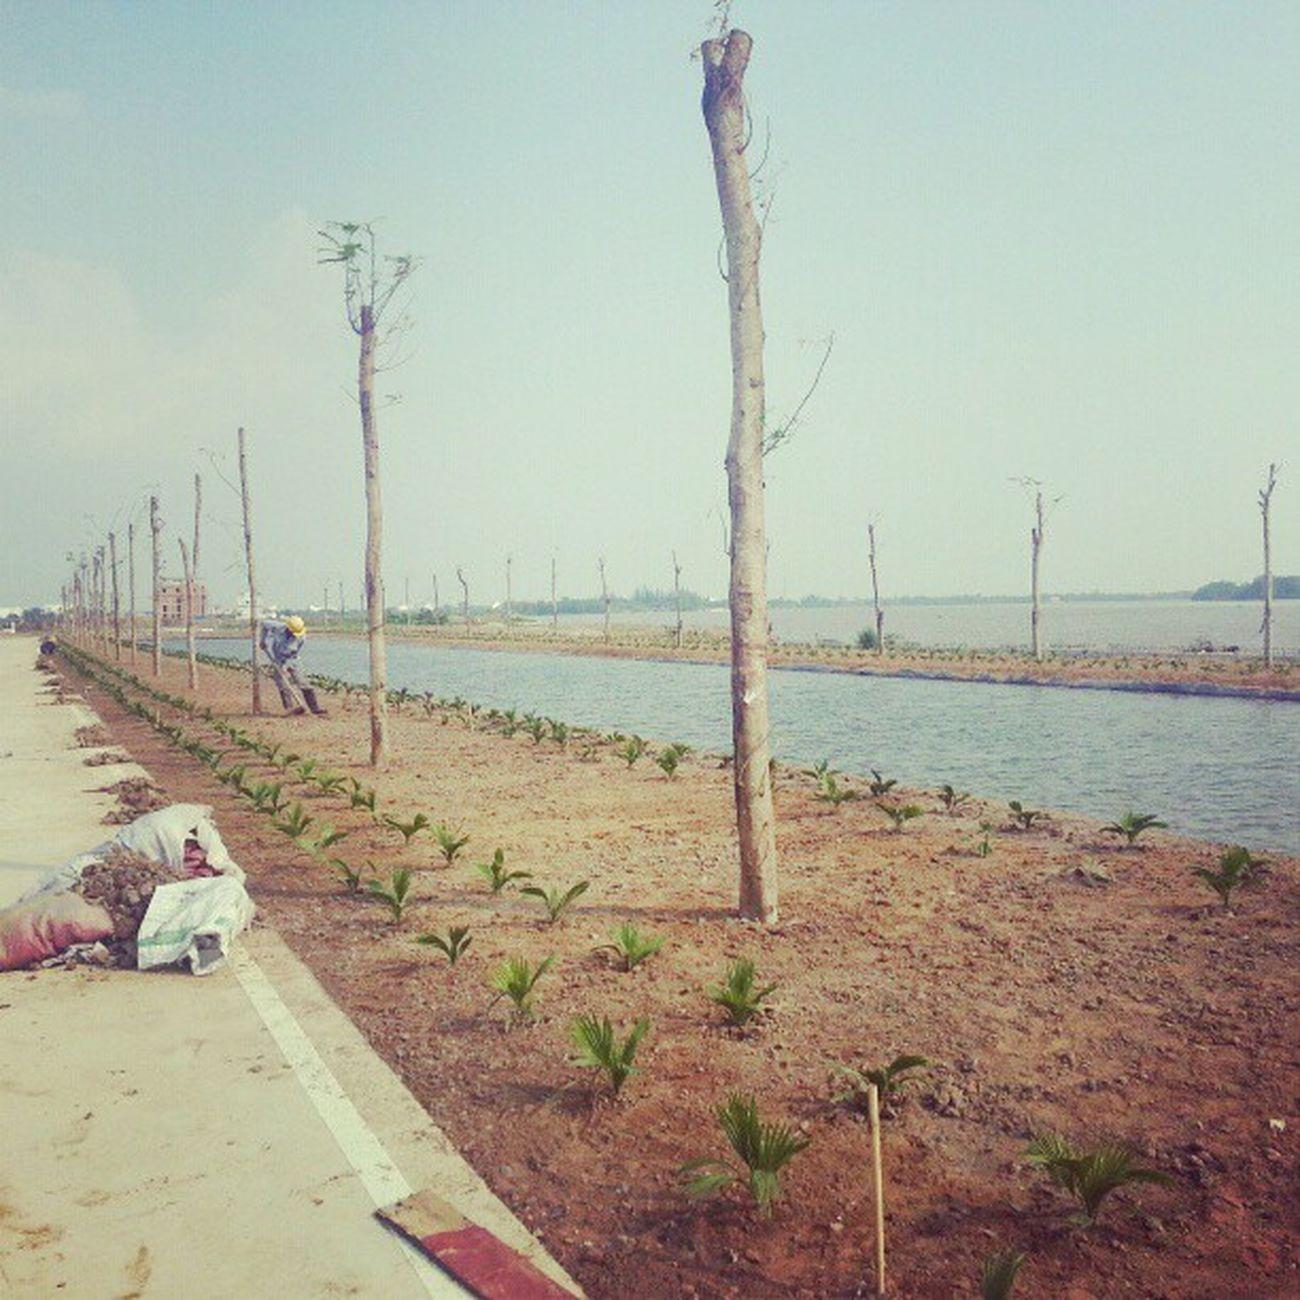 ¥_¥ Marinasaigonvilla Hcmc Saigon Marina villa 15 vietnam daokimcuong